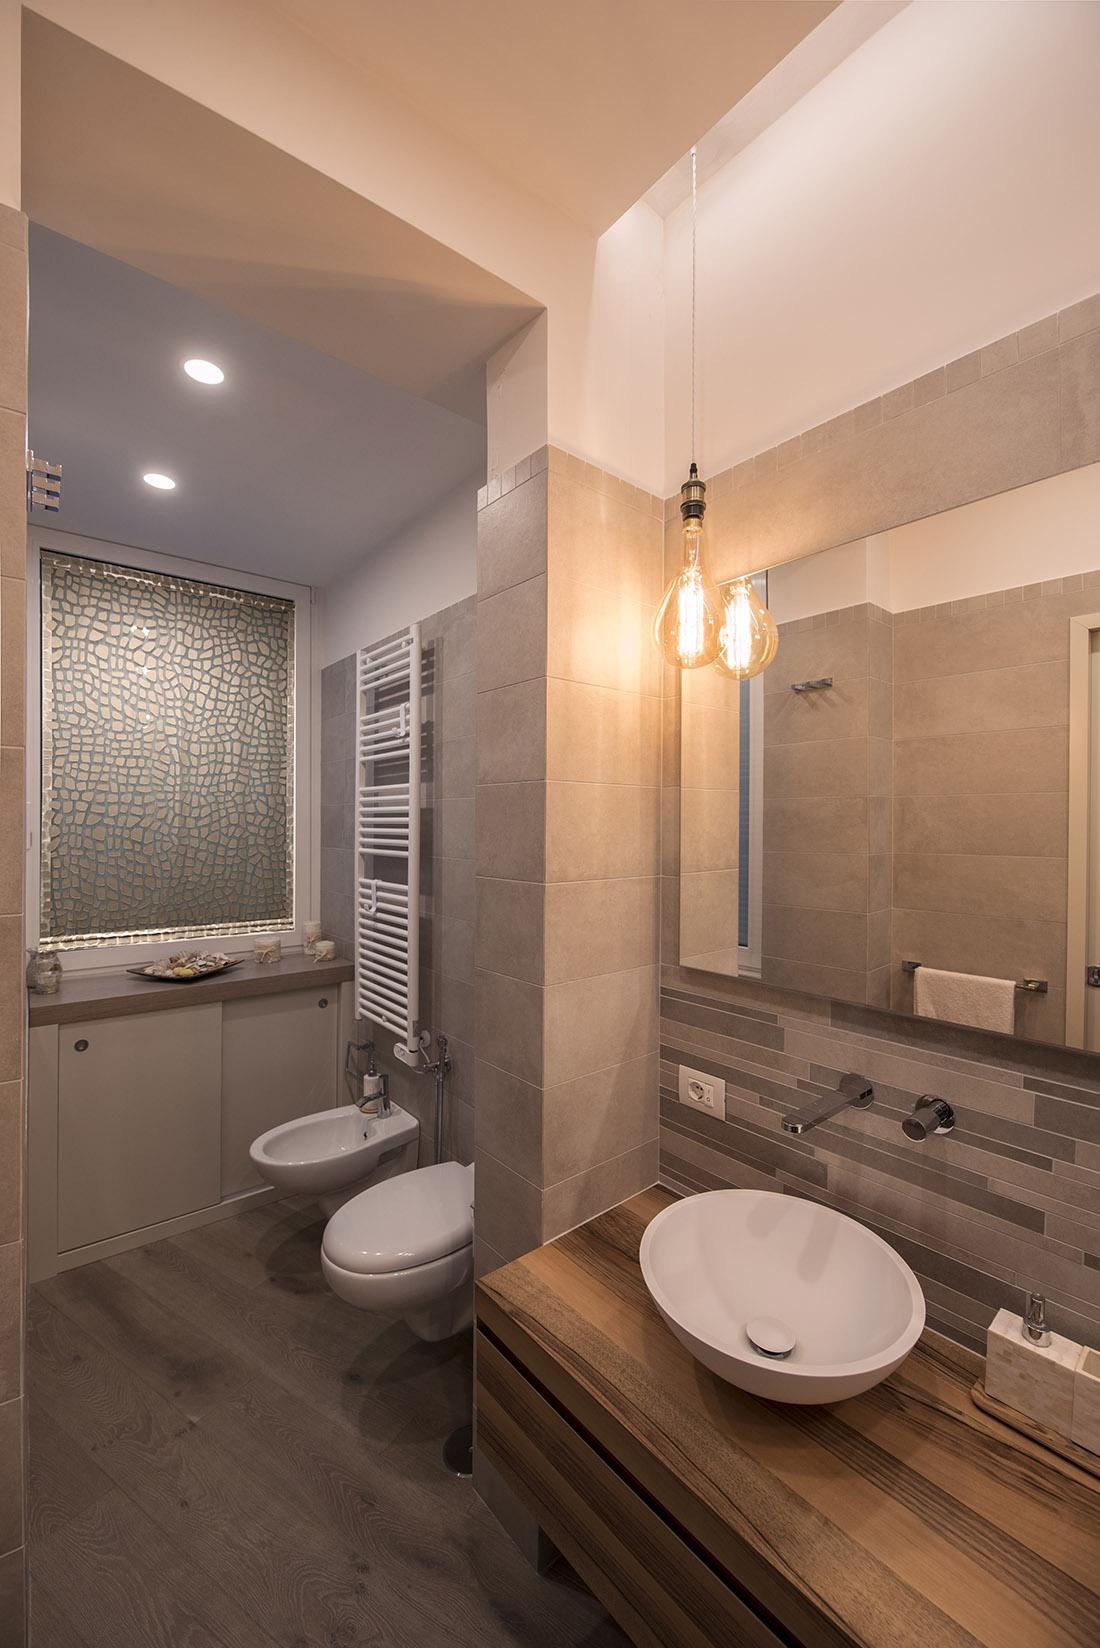 appartamento-otta2-bagno-padronale2-realizzazione-napoli-pucciarelli-architetti